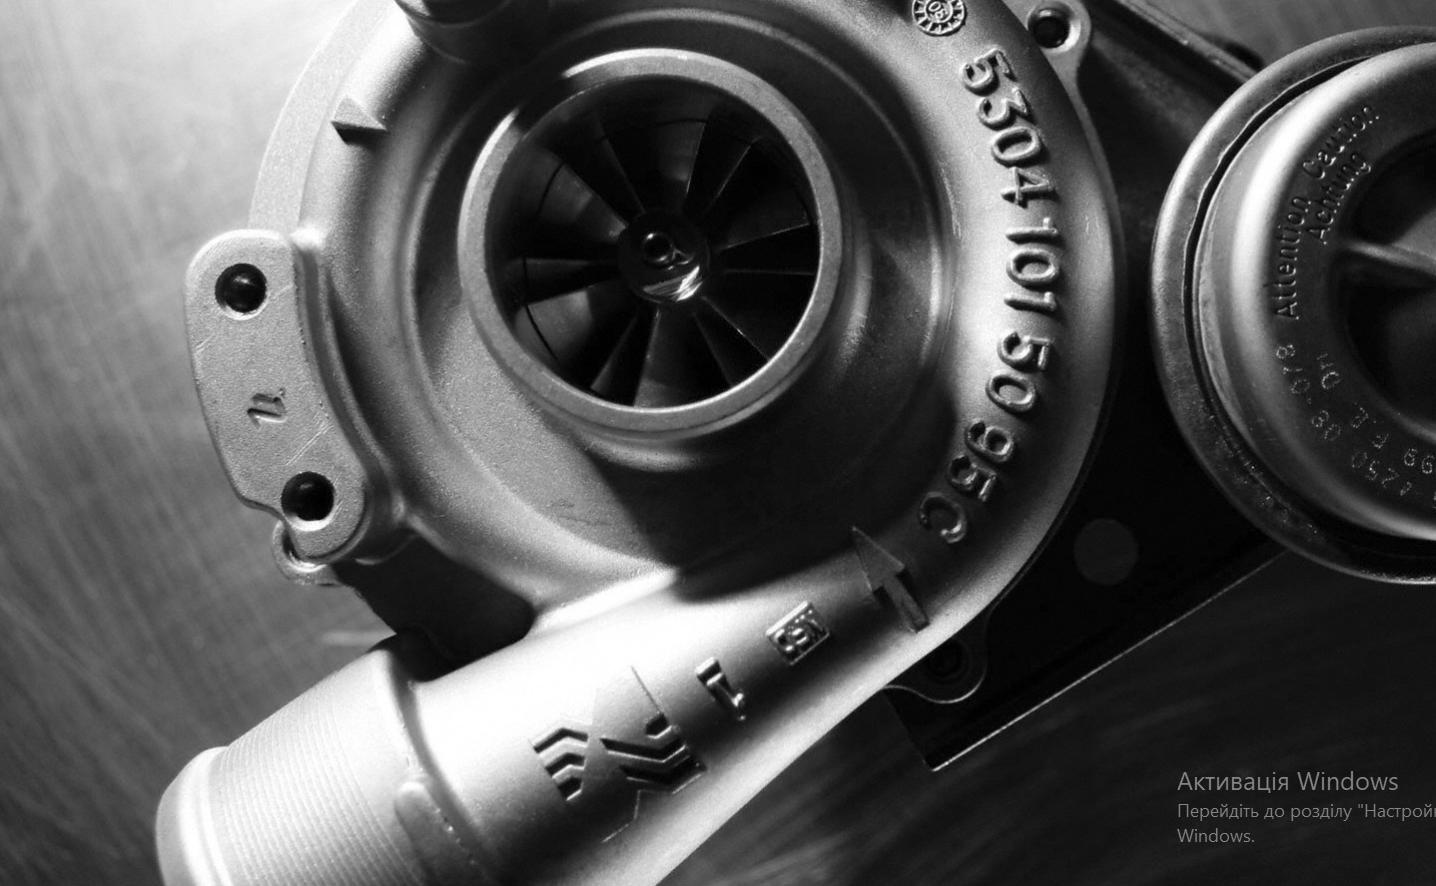 Поломка турбин и как продлить их работу